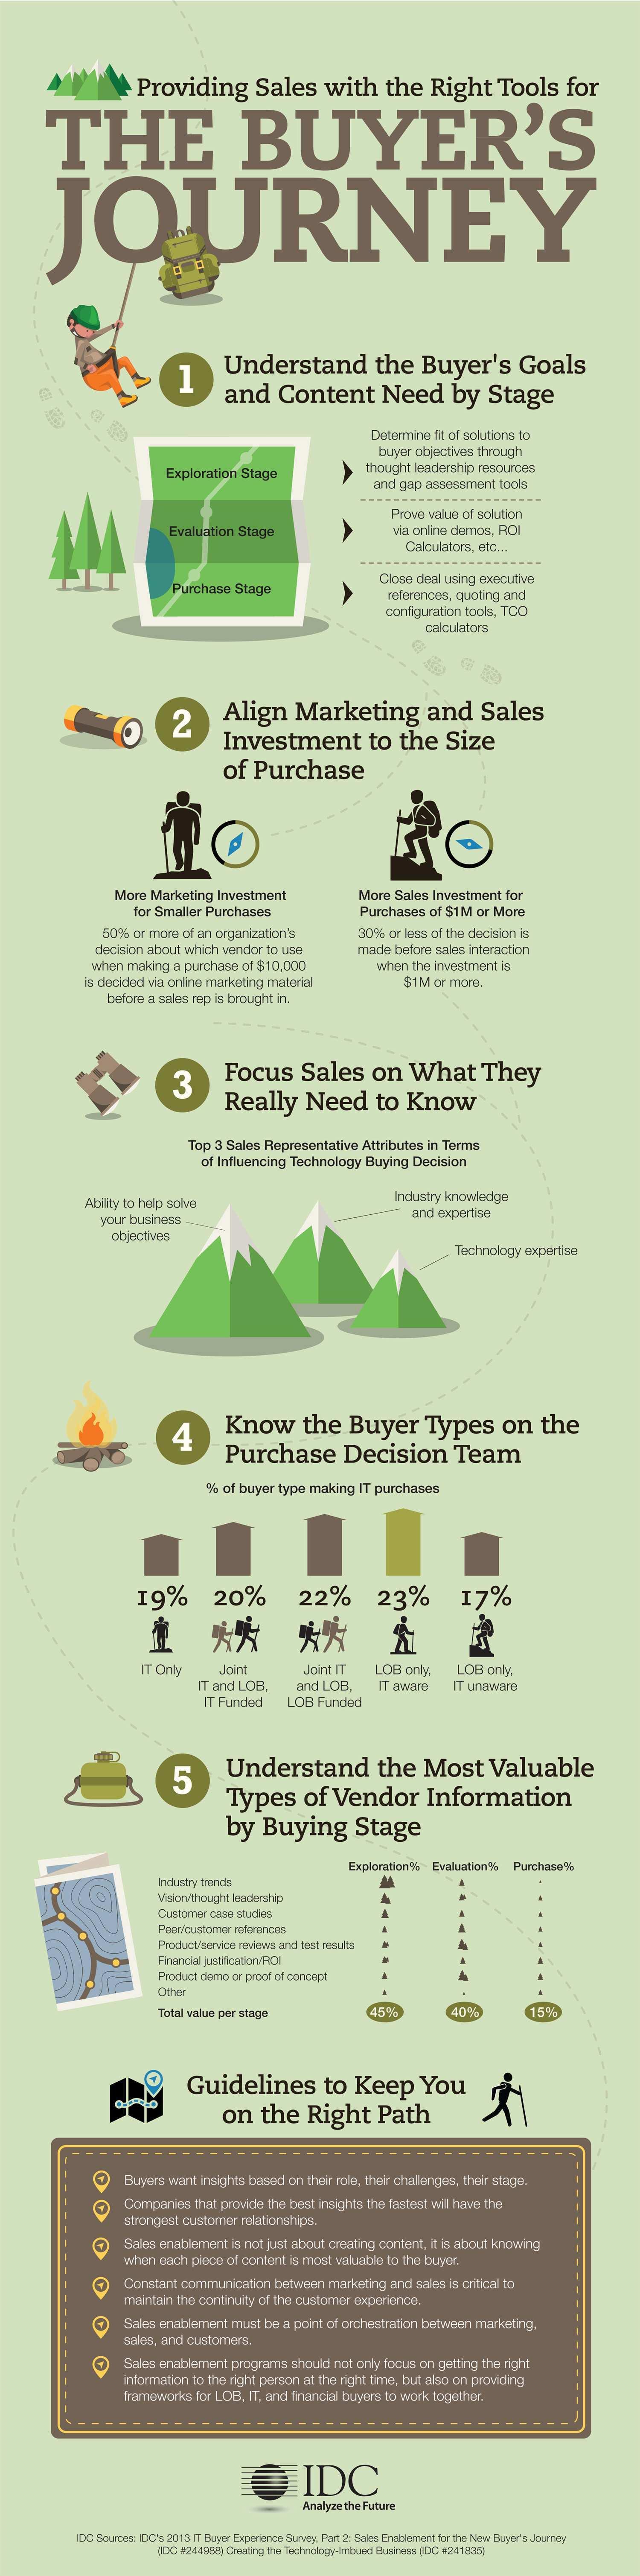 Itbuyer S Journey Infographic Idc Com